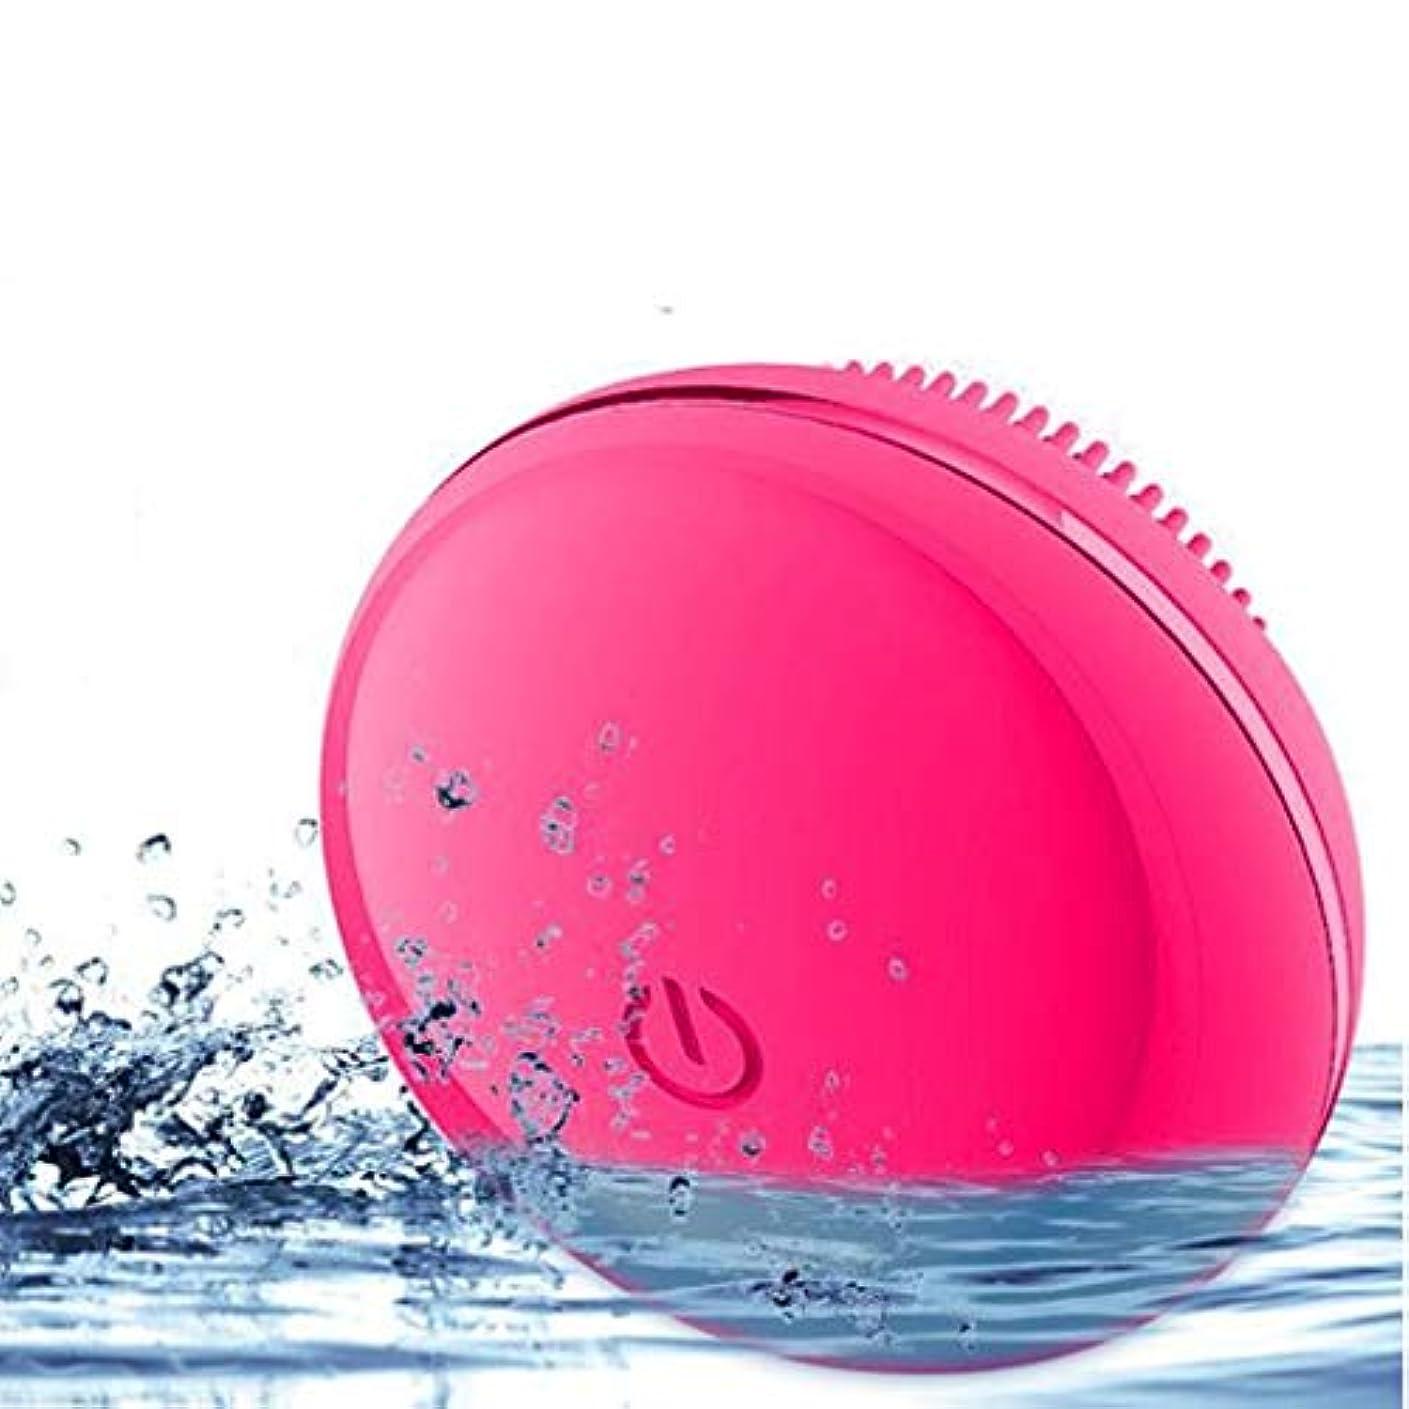 気配りのあるオリエンタルワークショップソニックバイブレーションフェイシャルクレンジングブラシ、電動ポータブルディープクレンジングブラシポアクリーナーは、しわ美容ツールを減らして肌を若返らせます (Color : Red)